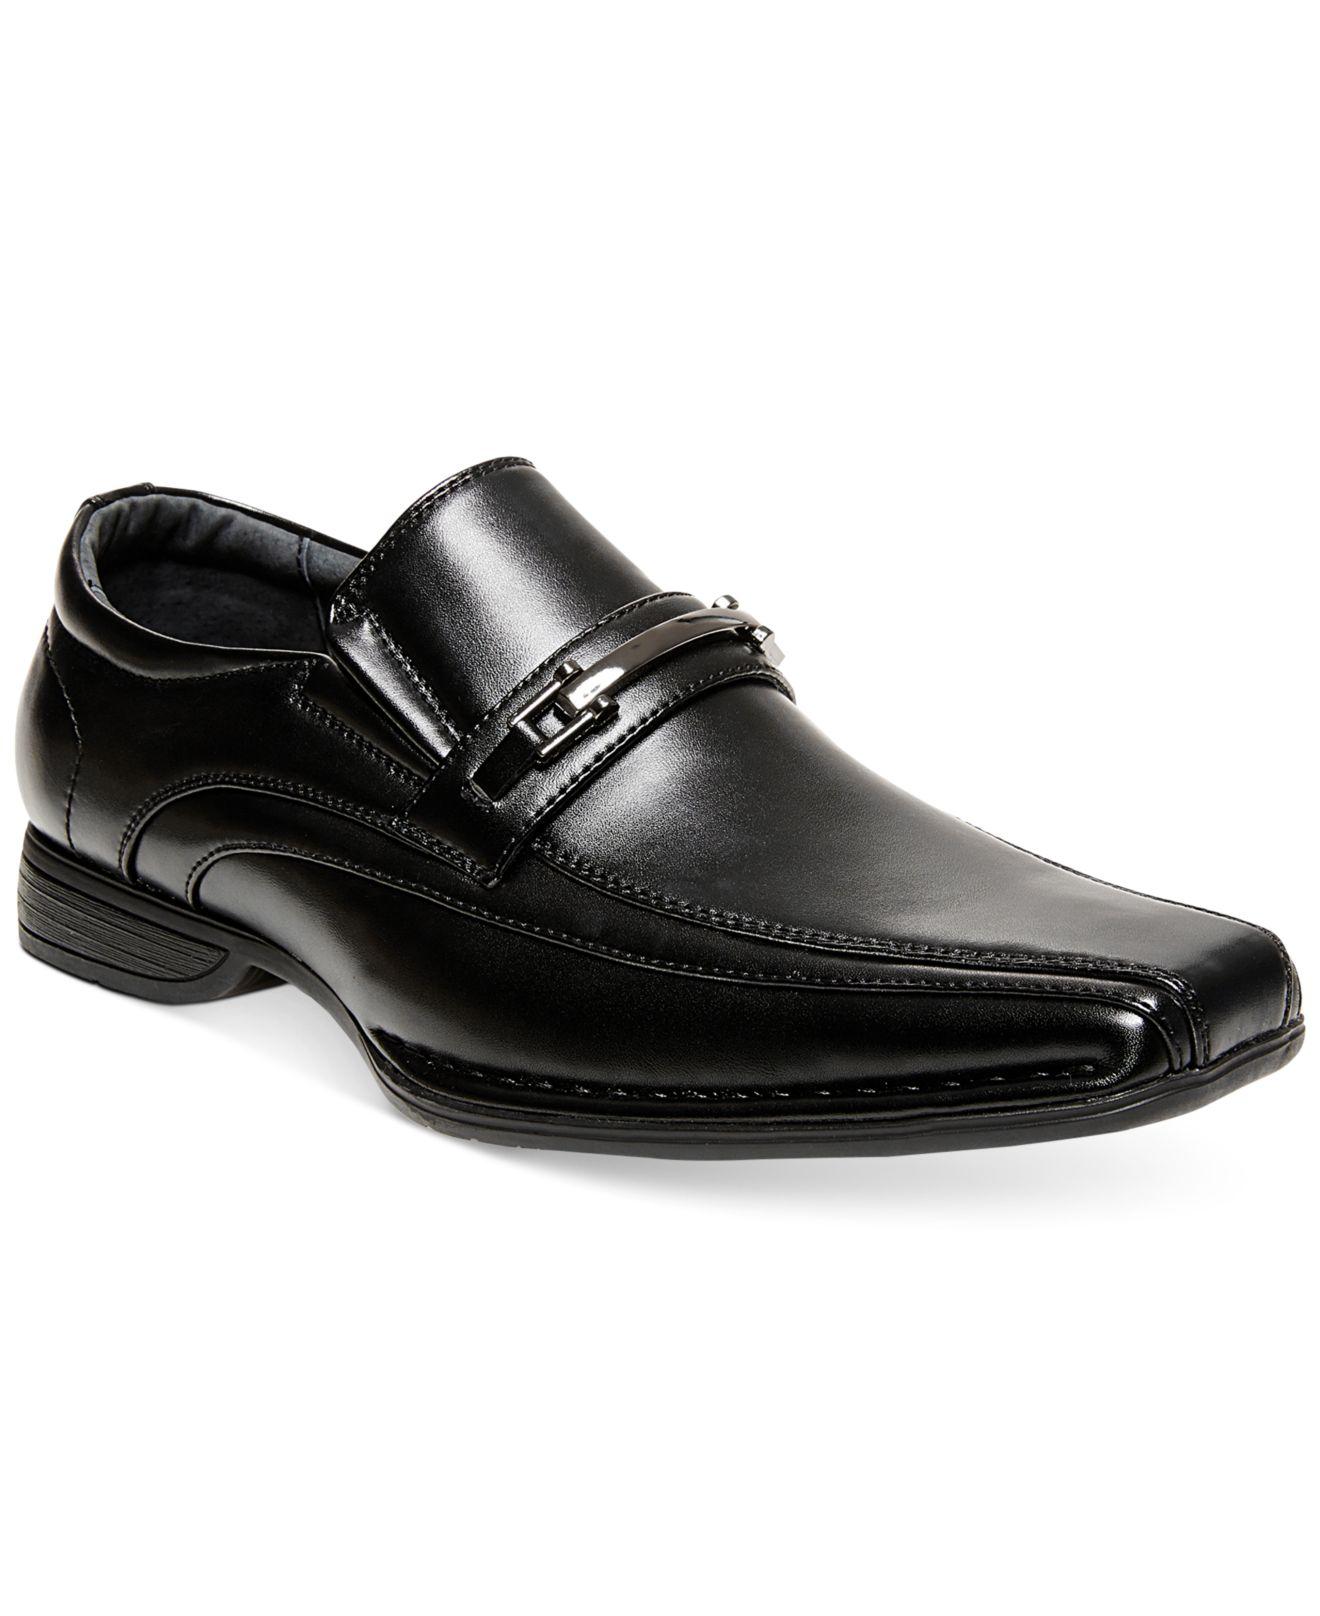 3fa8849df5e ... Lyst Steve Madden Madden Talon Dress Slip on Shoes in Black for Men